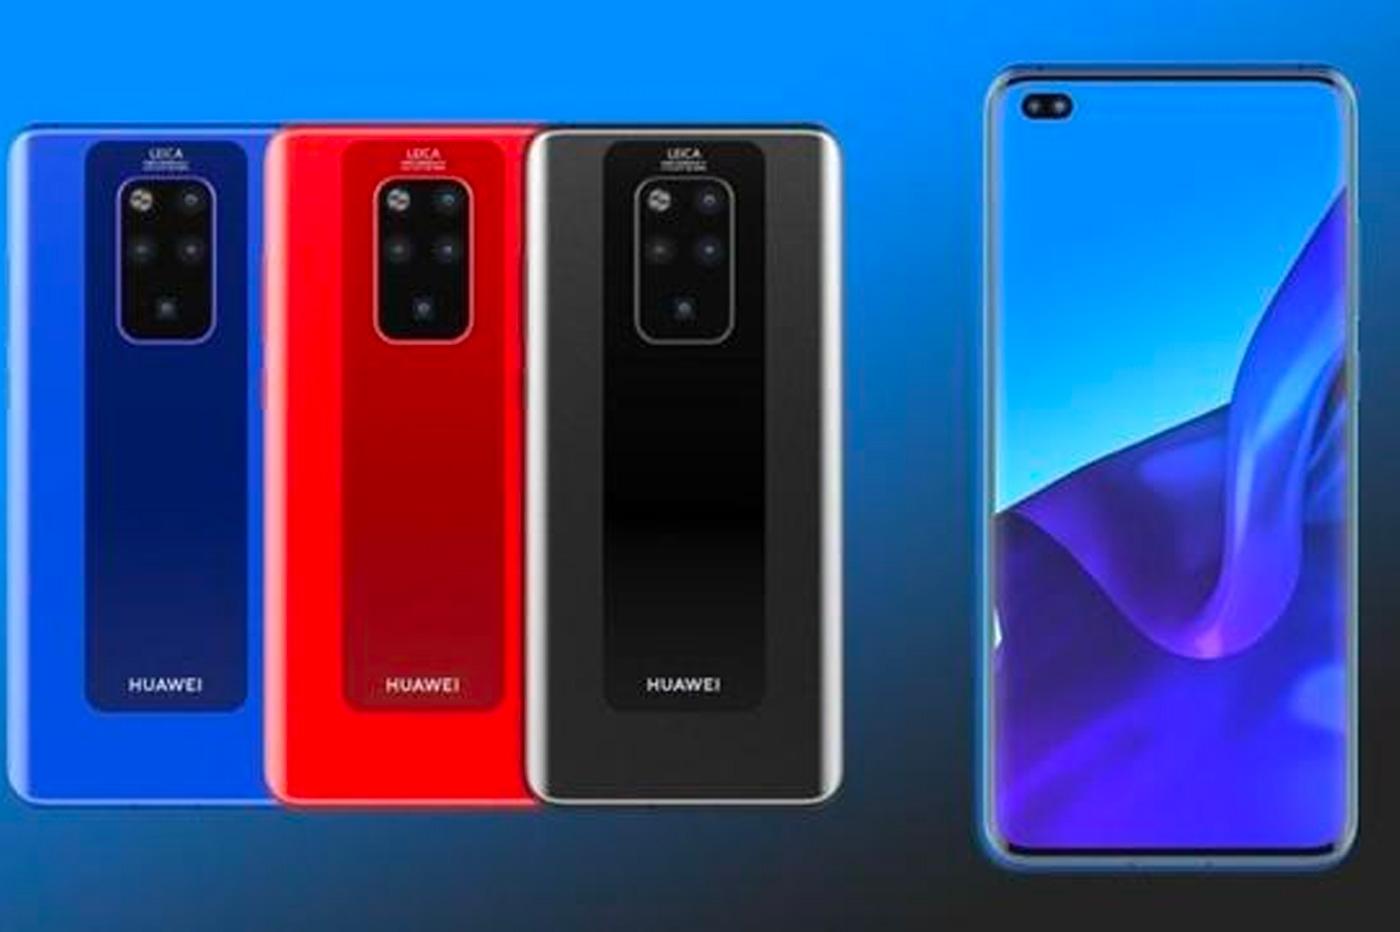 Huawei : les Mate 30 seraient révélés le 19 septembre prochain